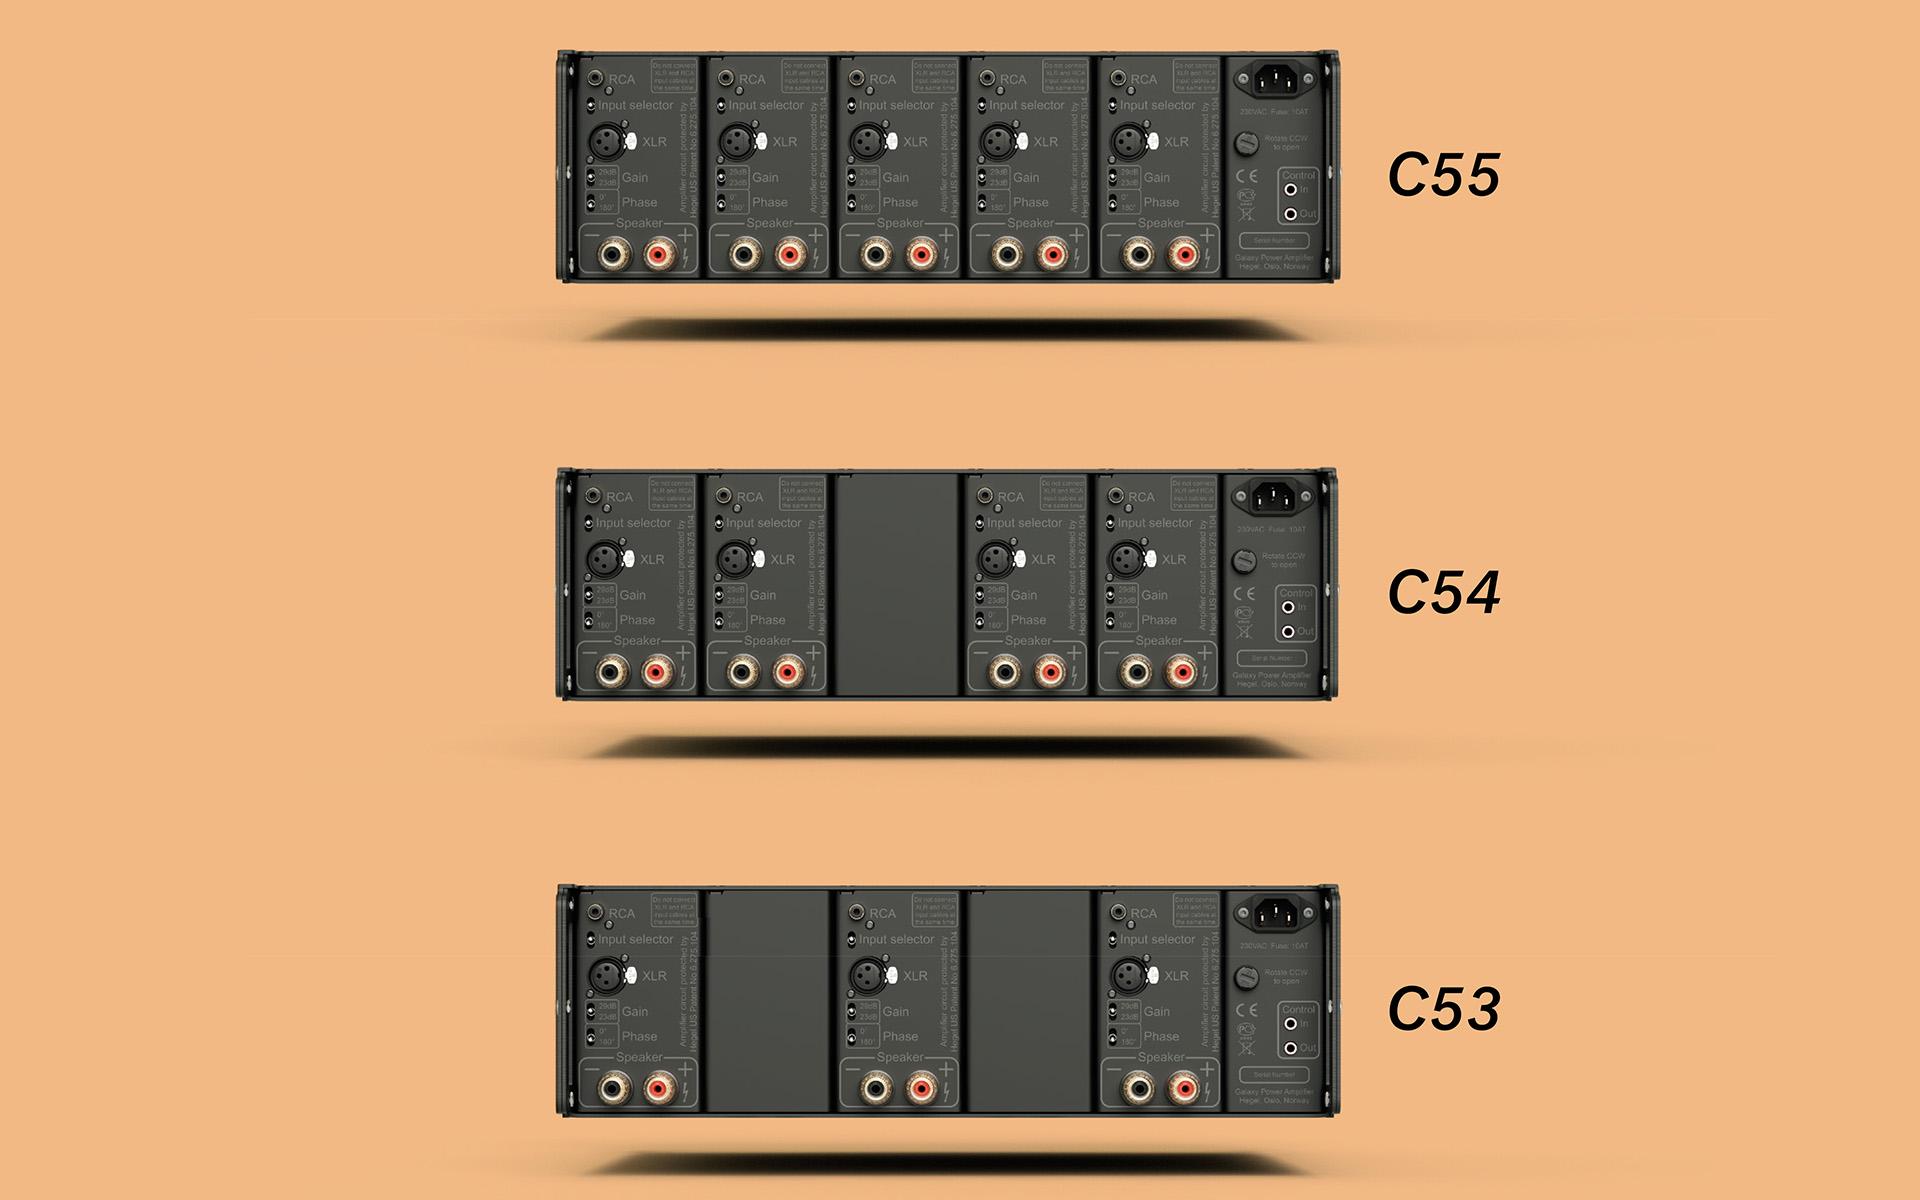 Модульная конструкция многоканальных усилителей серии Hegel C5